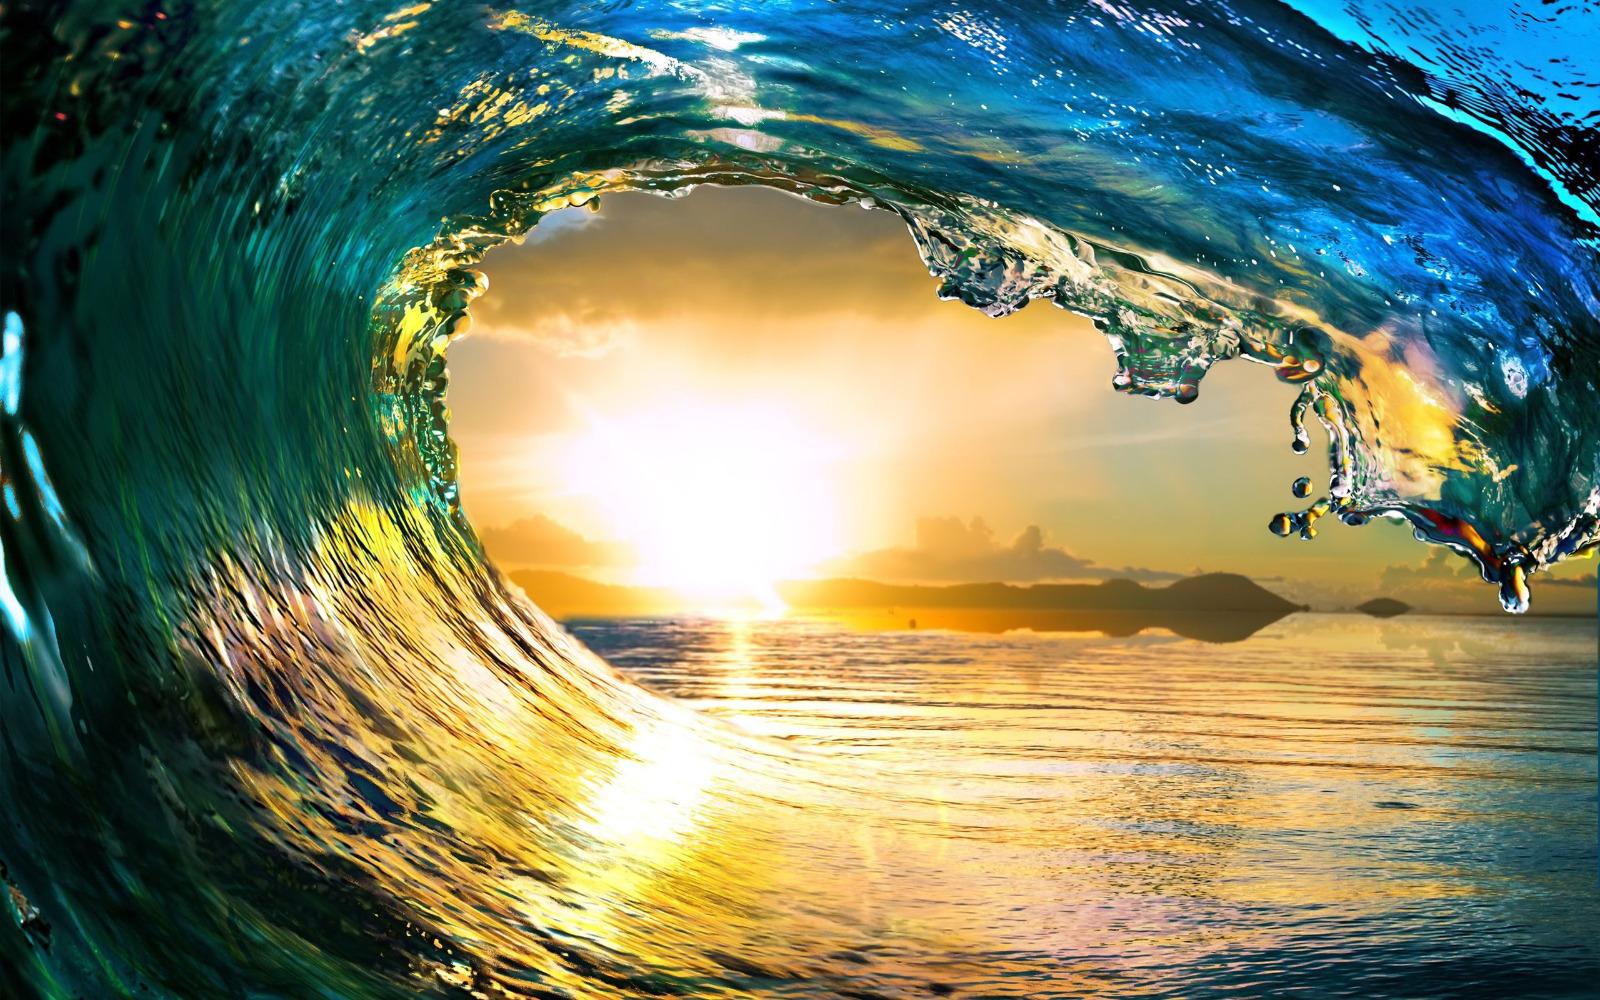 A pleasure wave climax